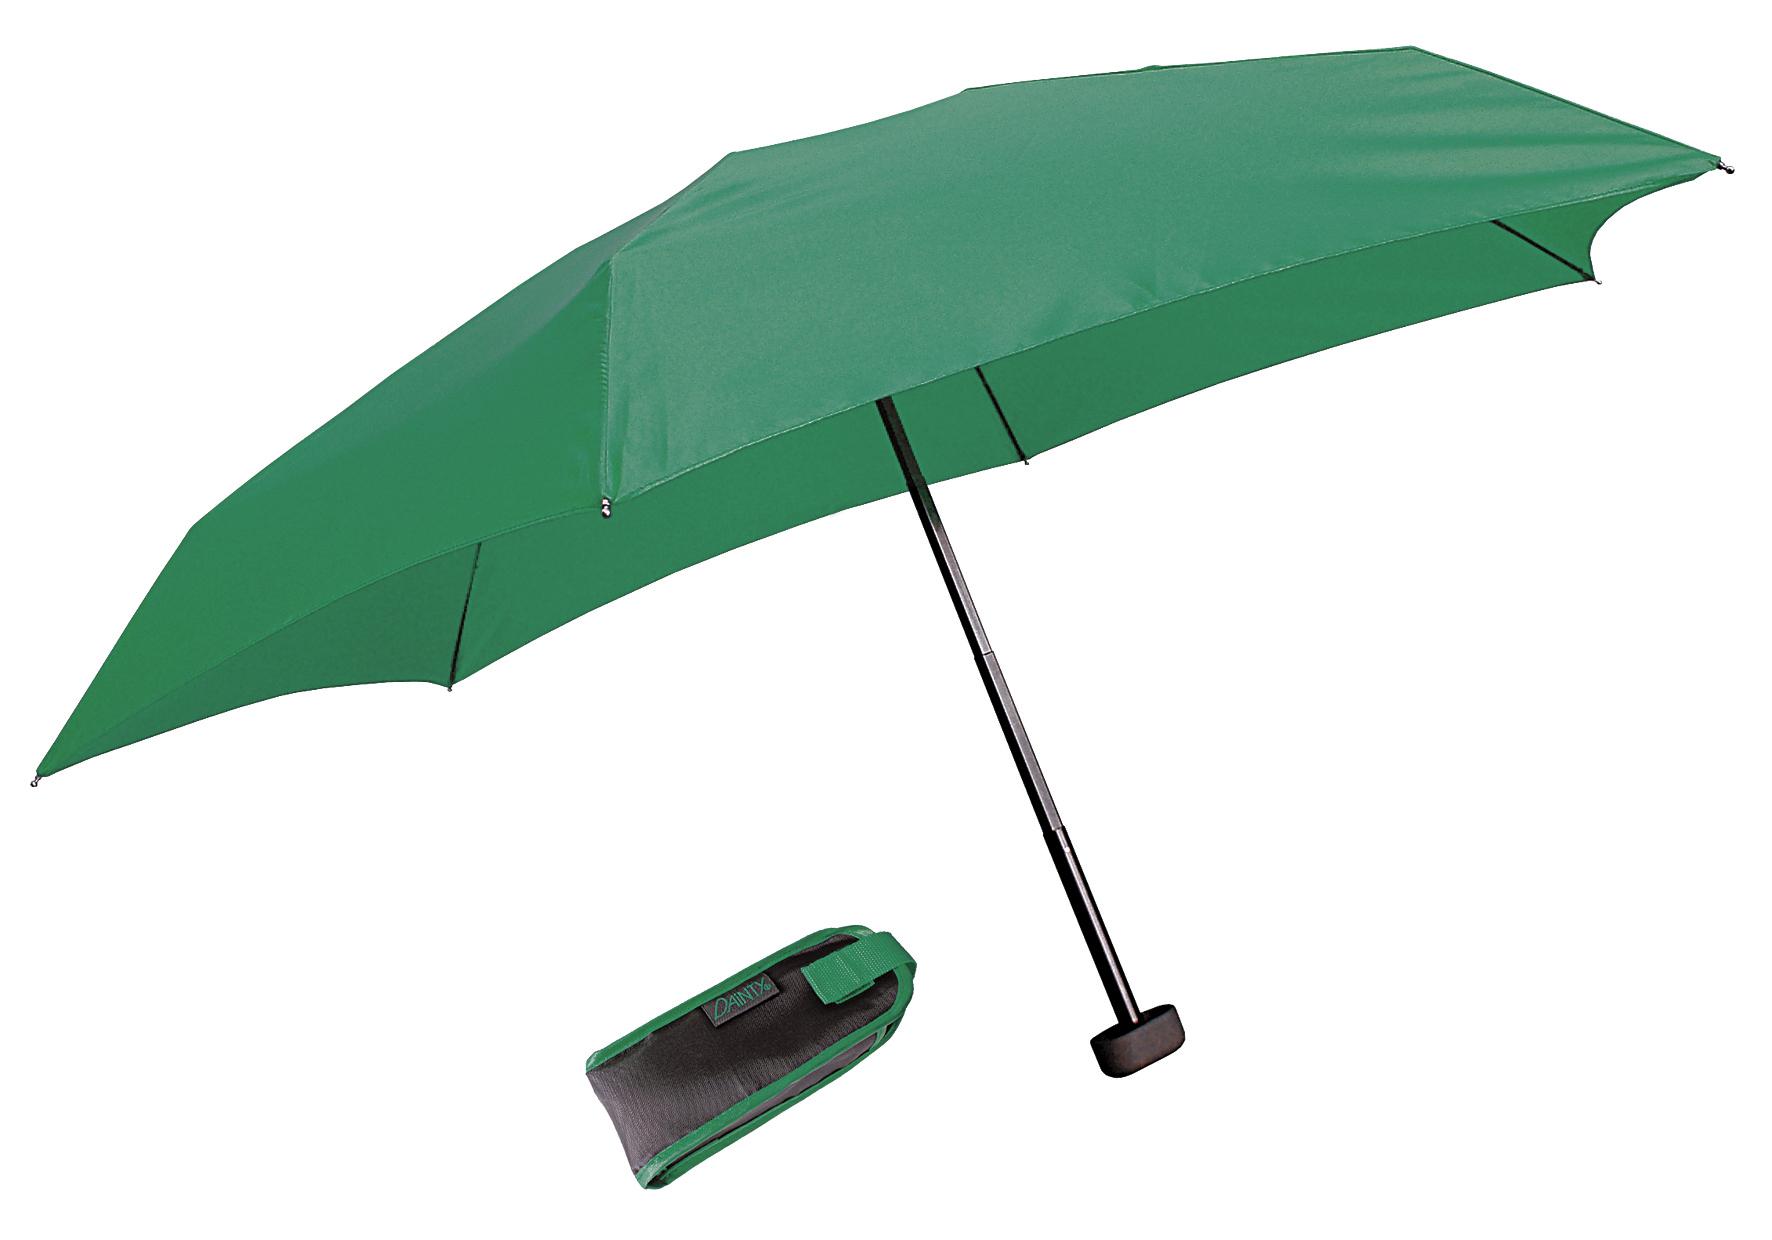 EUROSCHIRM - Dainty Travel Umbrella - Reise-Taschenschirm – Bild 1